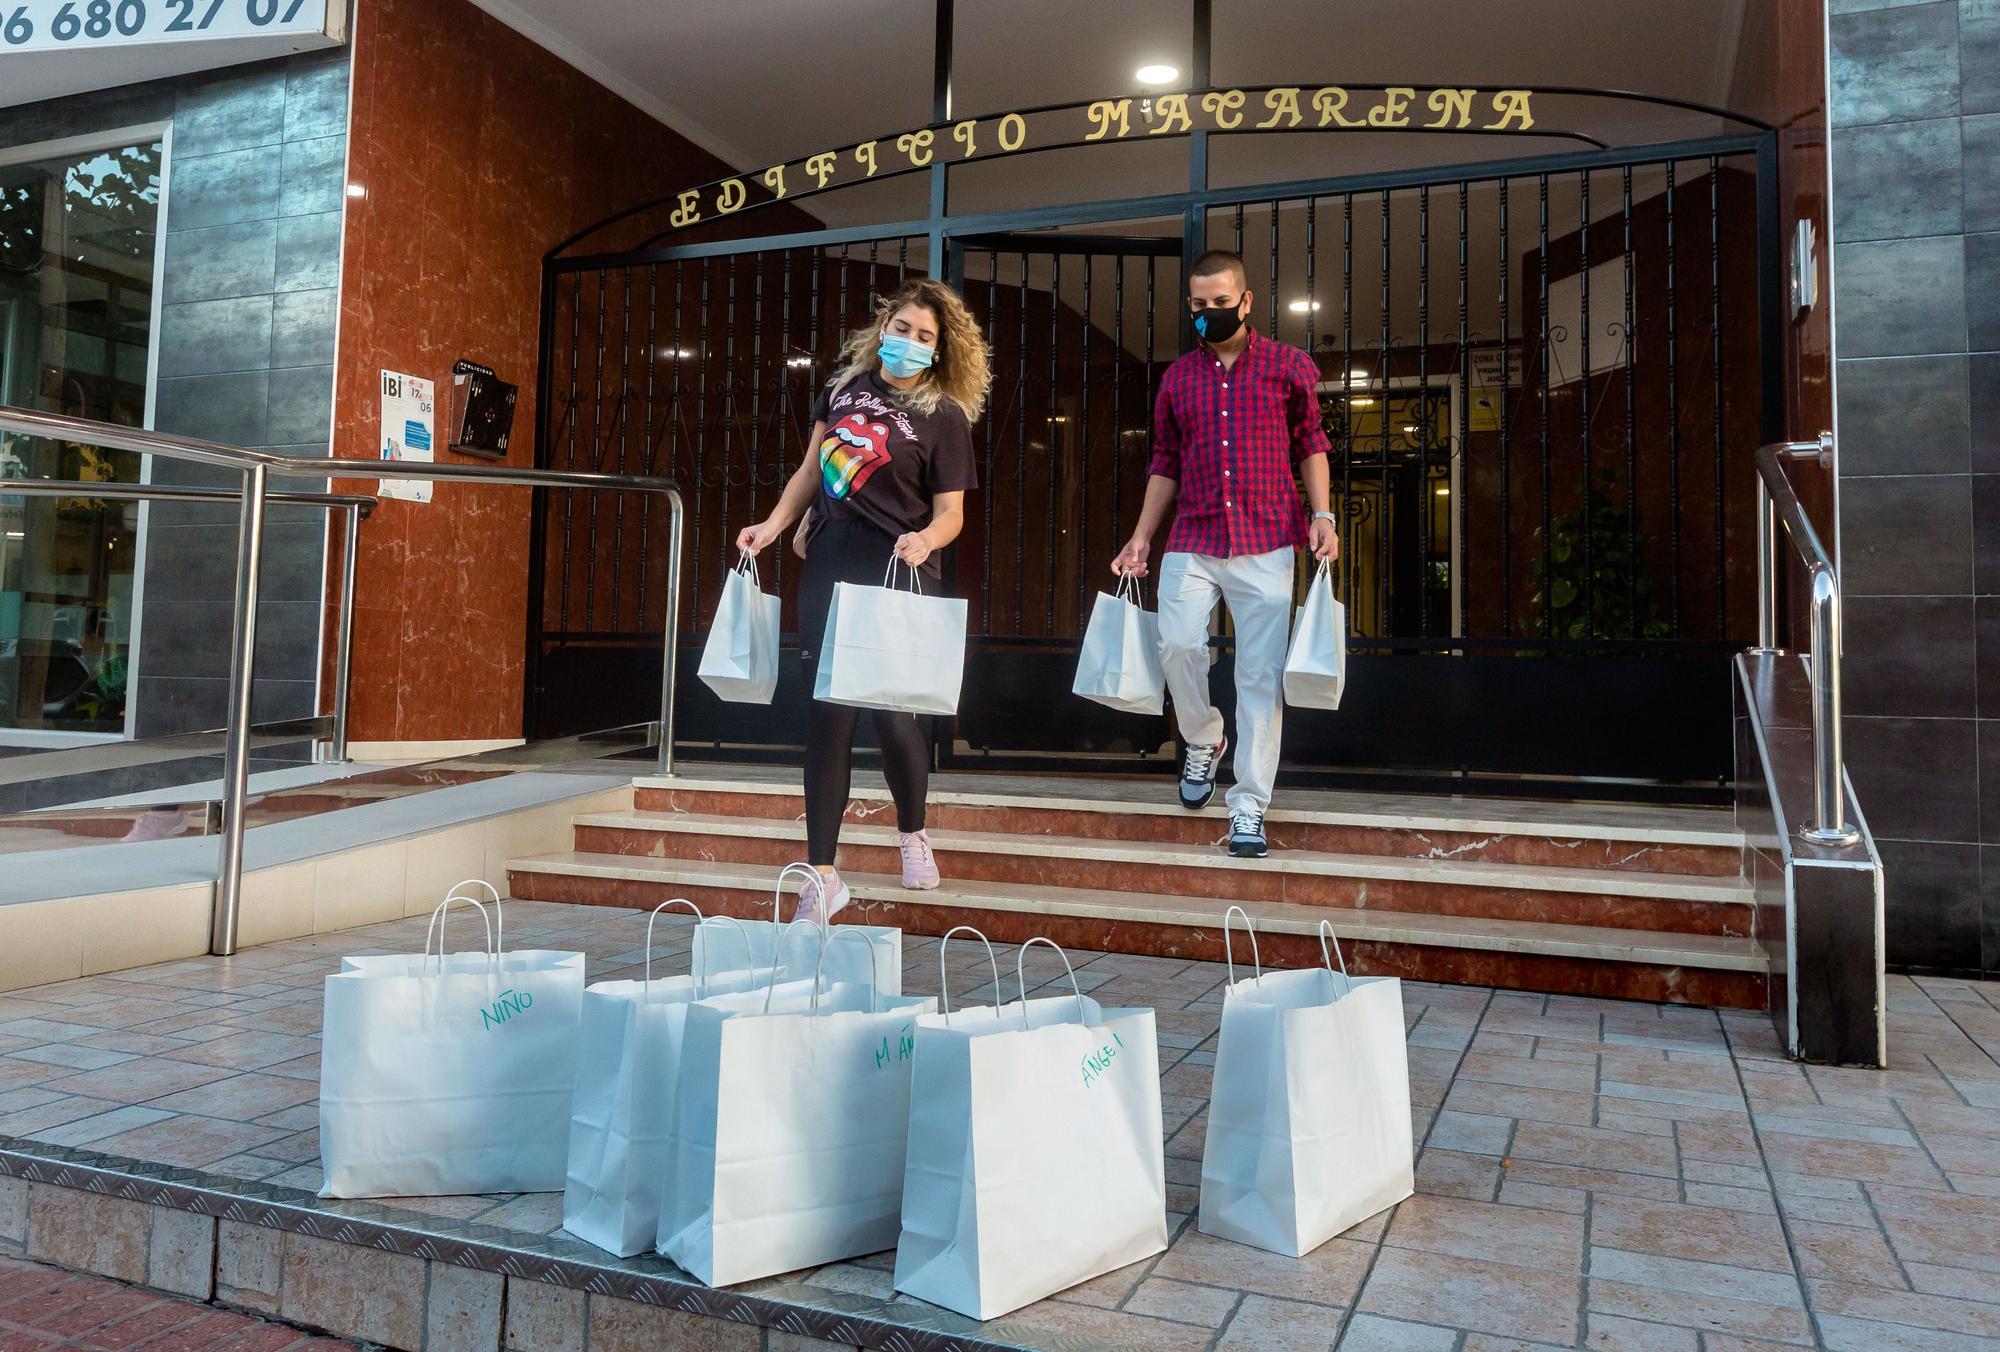 Galería: Una familia de Benidorm recorre las calles atendiendo a las personas sin techo para entregarles kits sanitarios